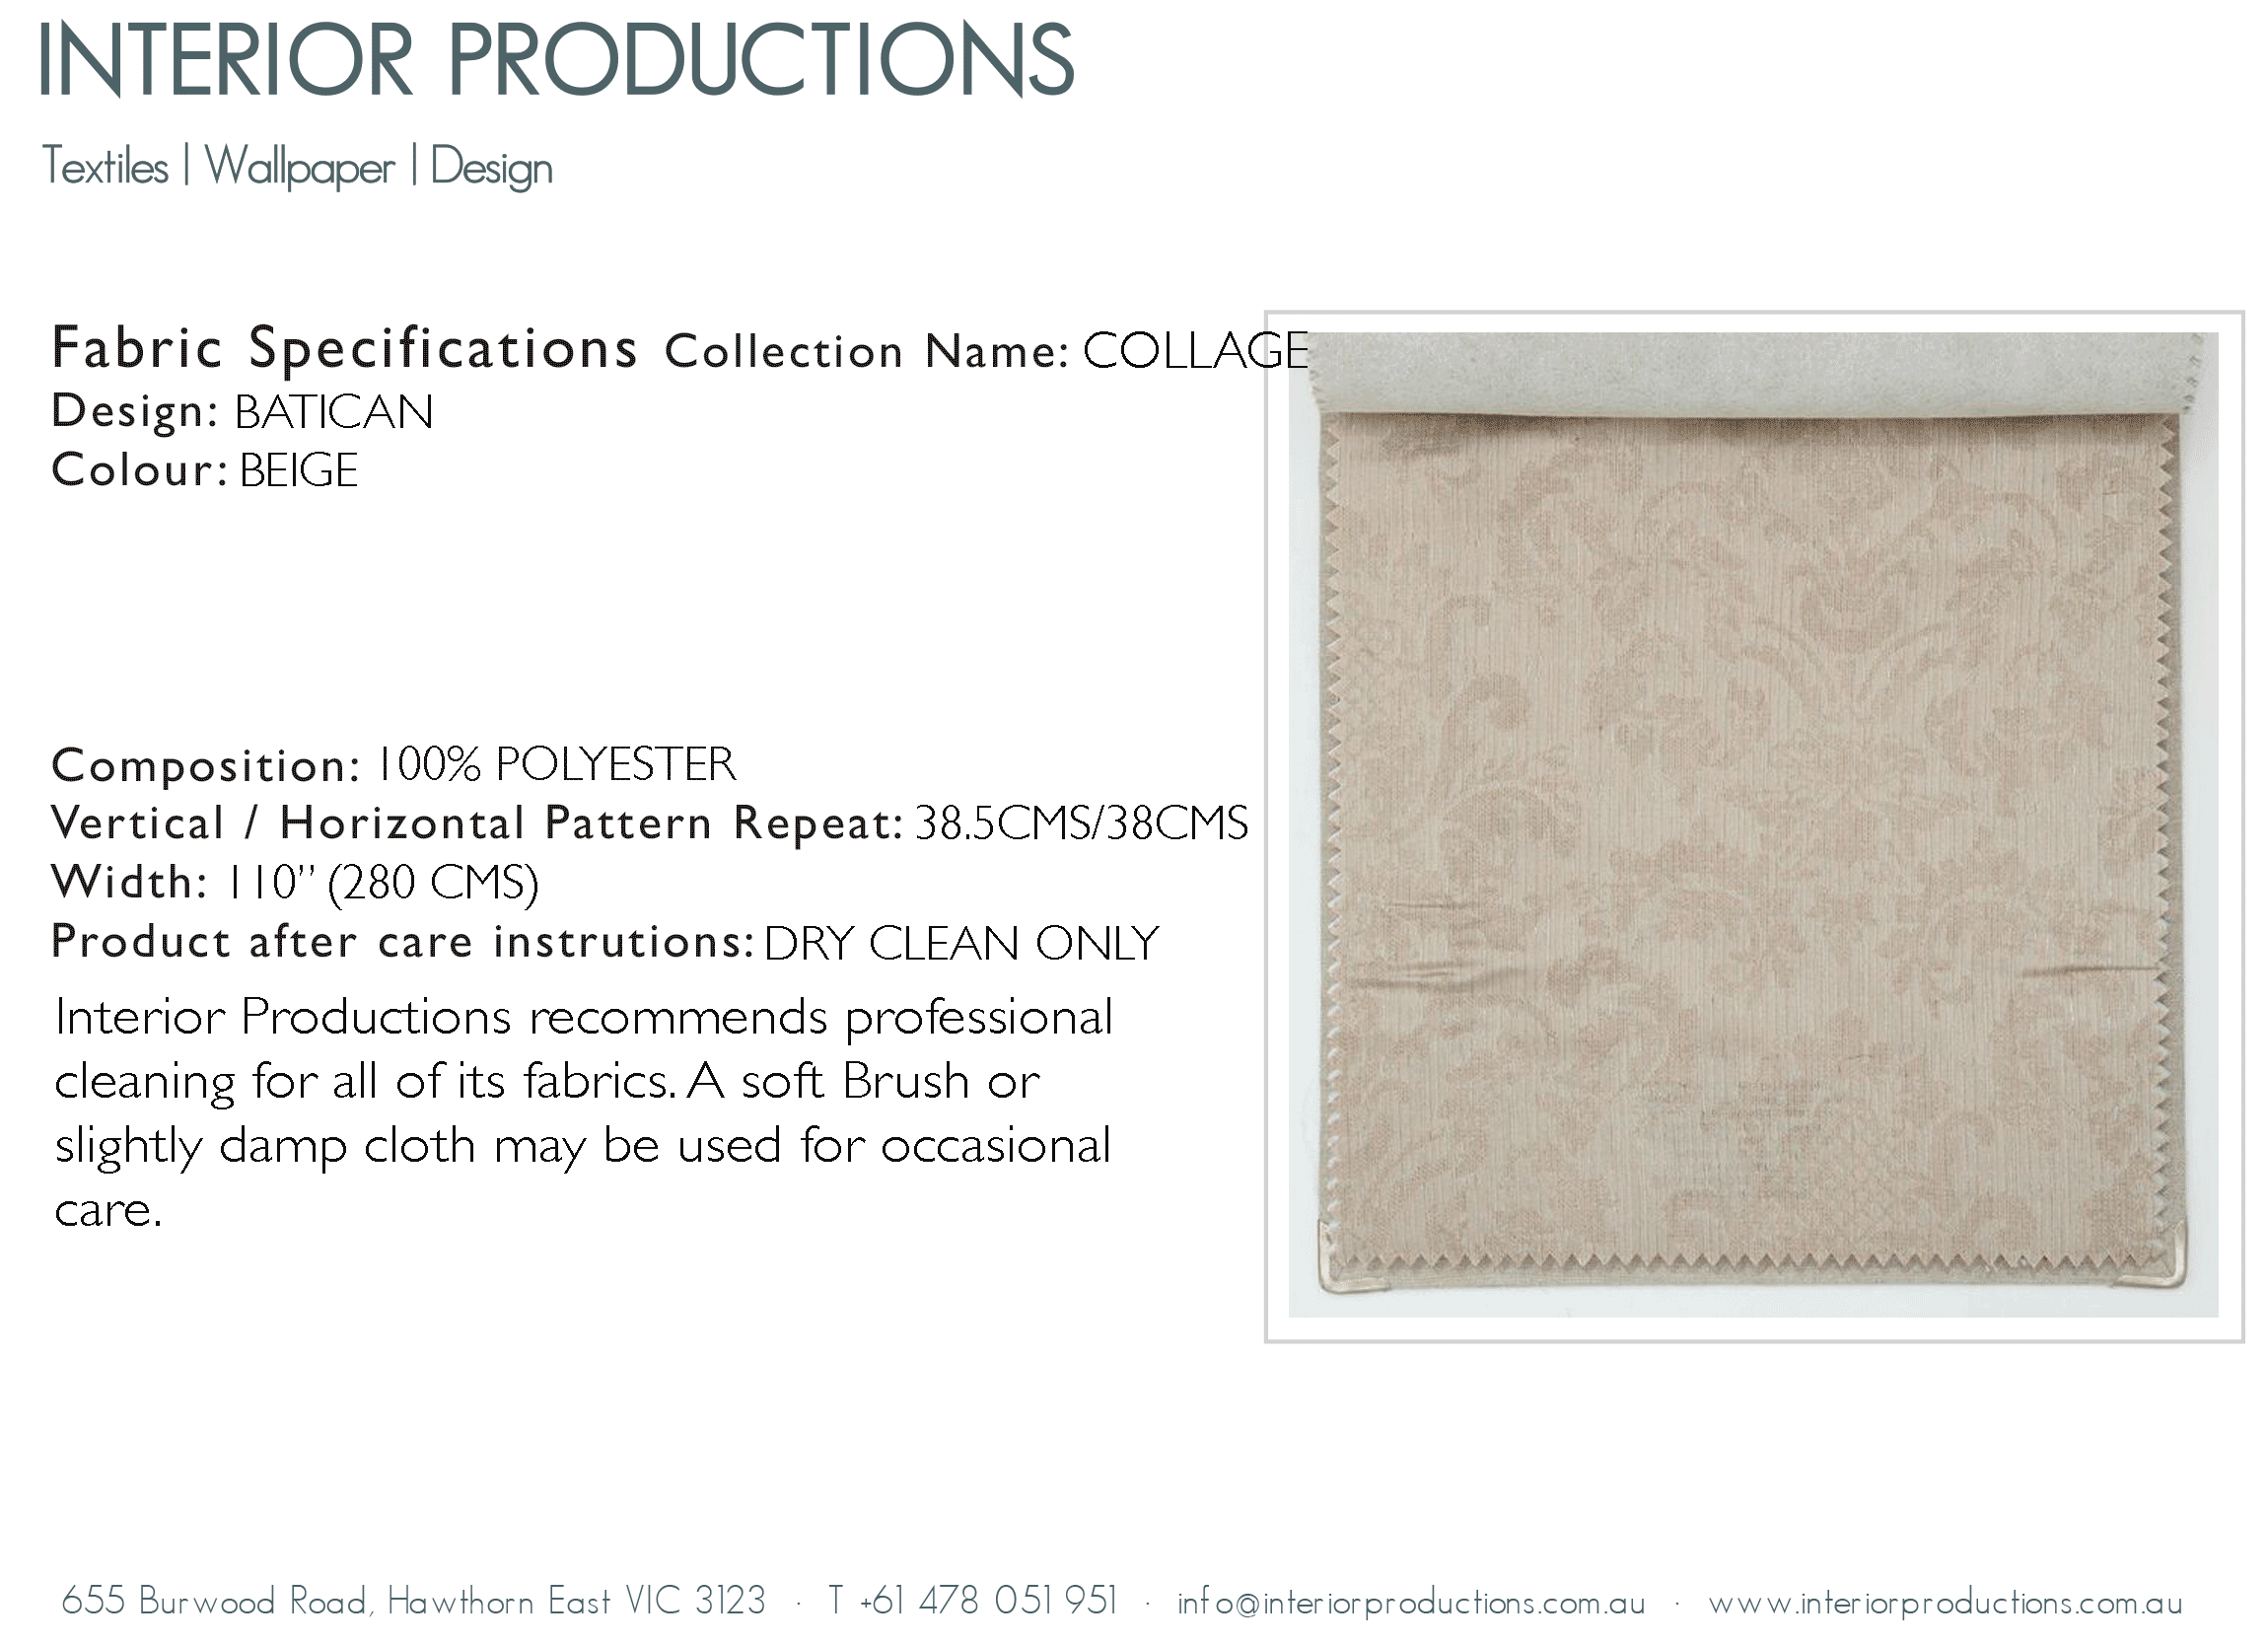 interior_productions_BATICAN---BEIGE